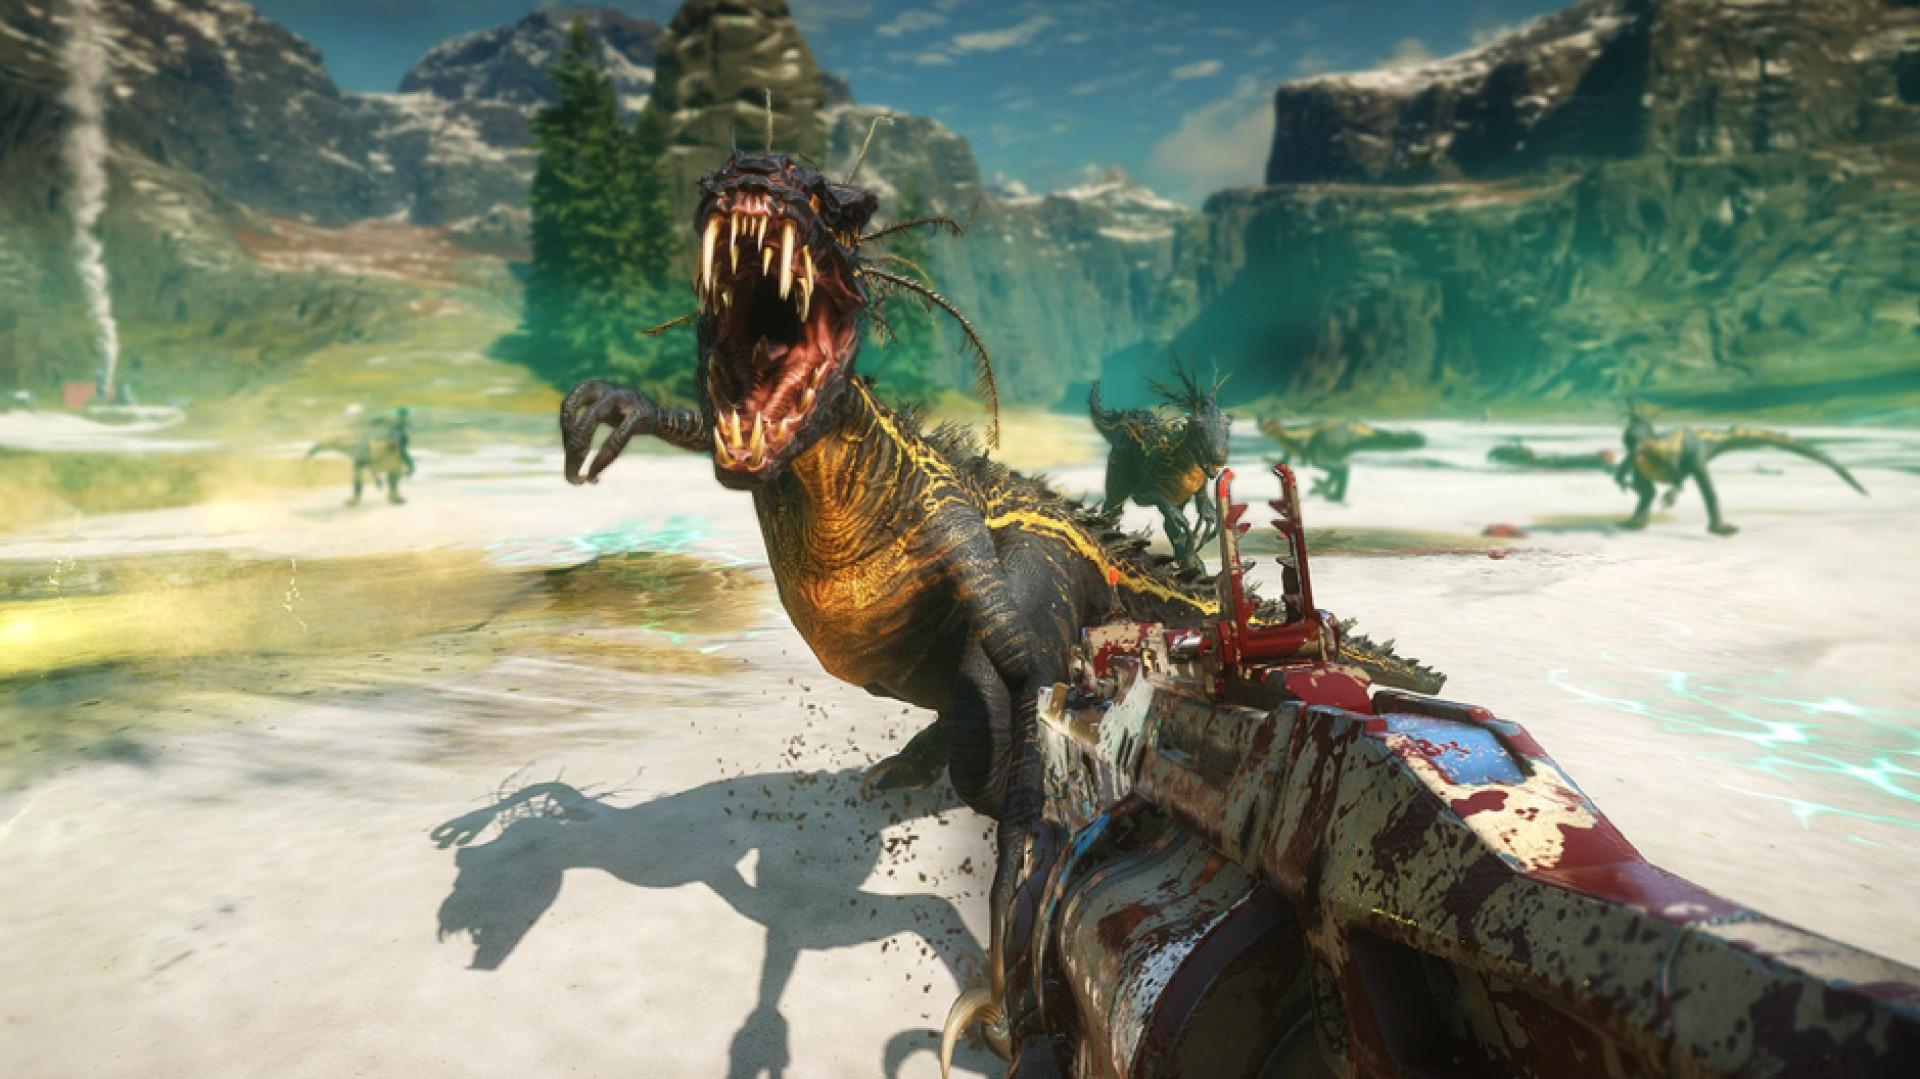 Deuxième extinction (aperçu du jeu) - 29 avril - Optimisé pour Xbox Series X   S / Xbox Game Pass